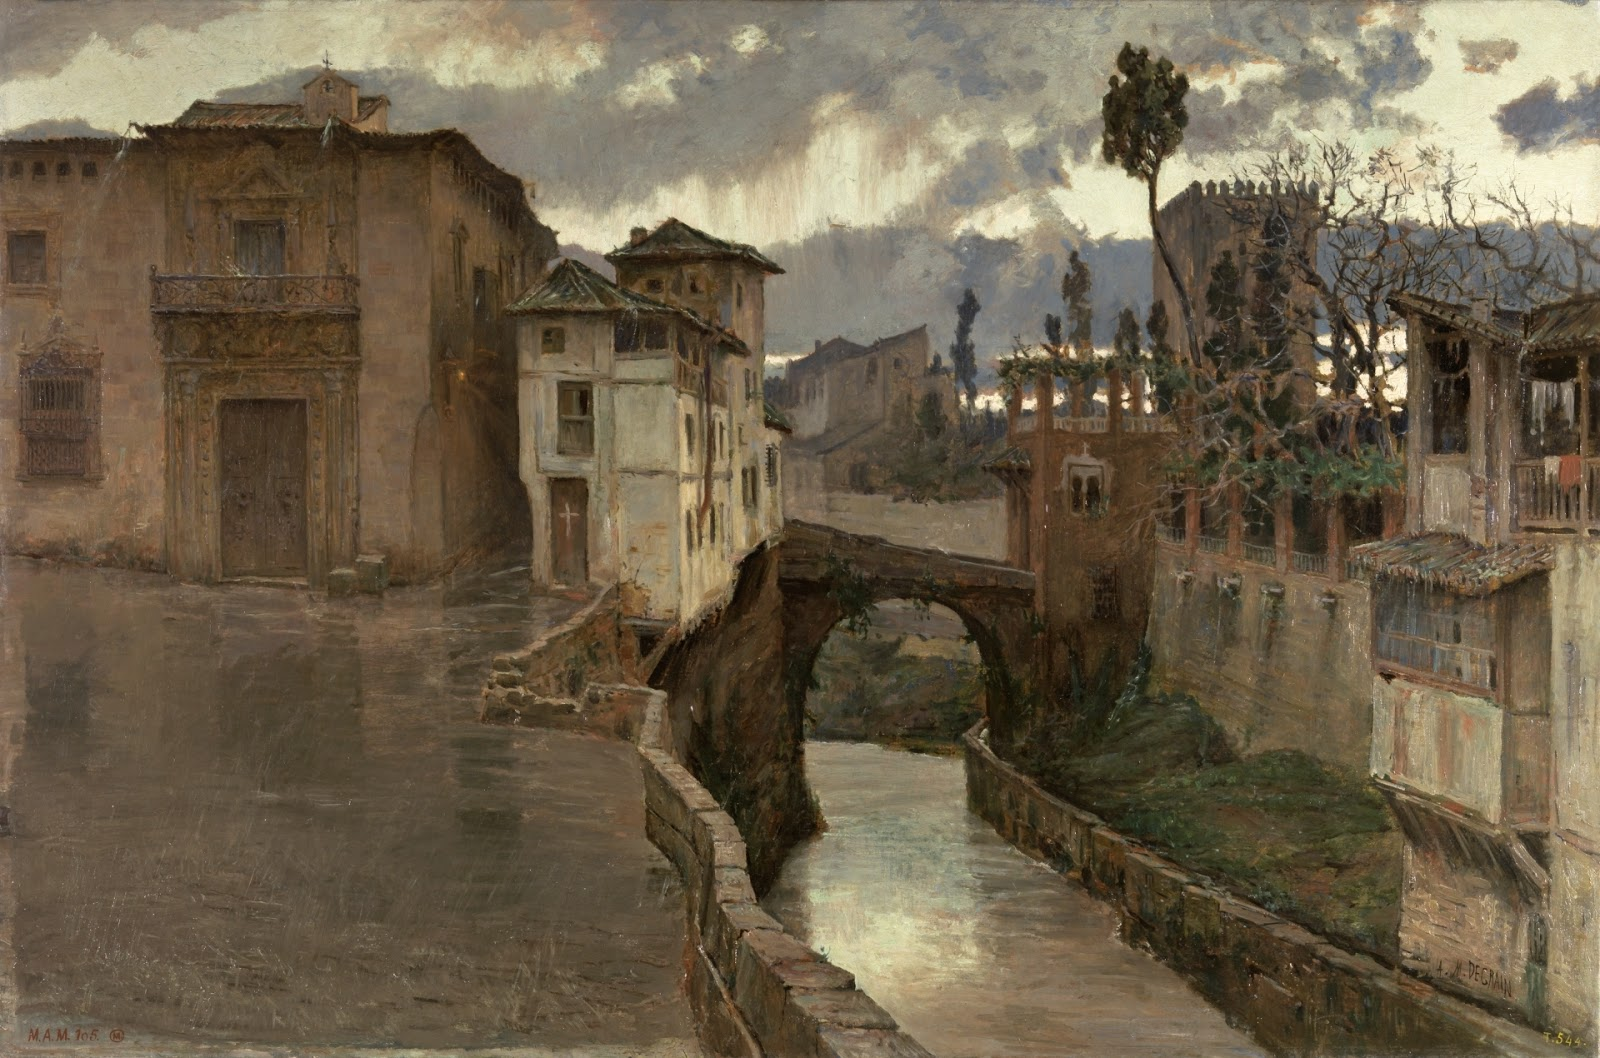 Recuerdos de Granada. Antonio Muñoz Degrain. 1881, Óleo sobre lienzo, 97x144,5 cm. Madrid, Museo Nacional del Prado.